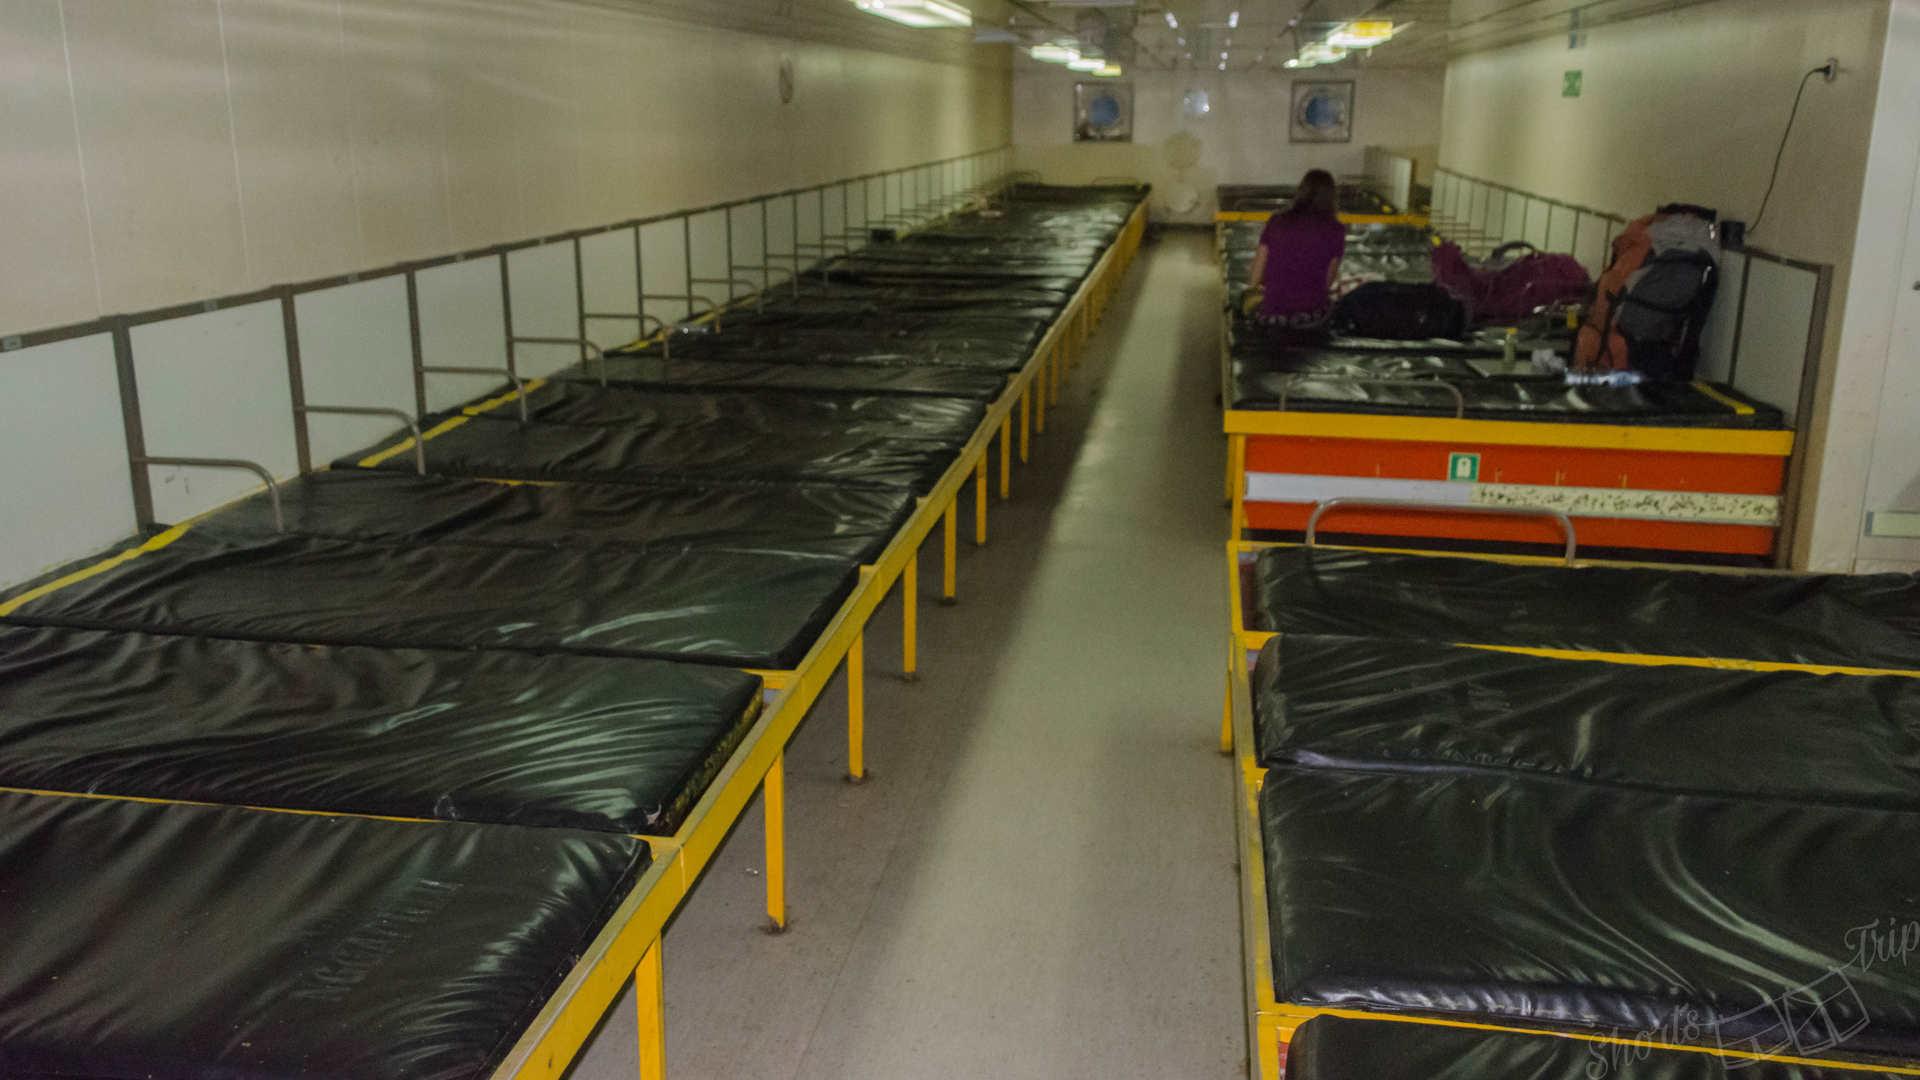 pelni mattresses, pelni experience, traveling by pelni, pelni ship, pelni inside